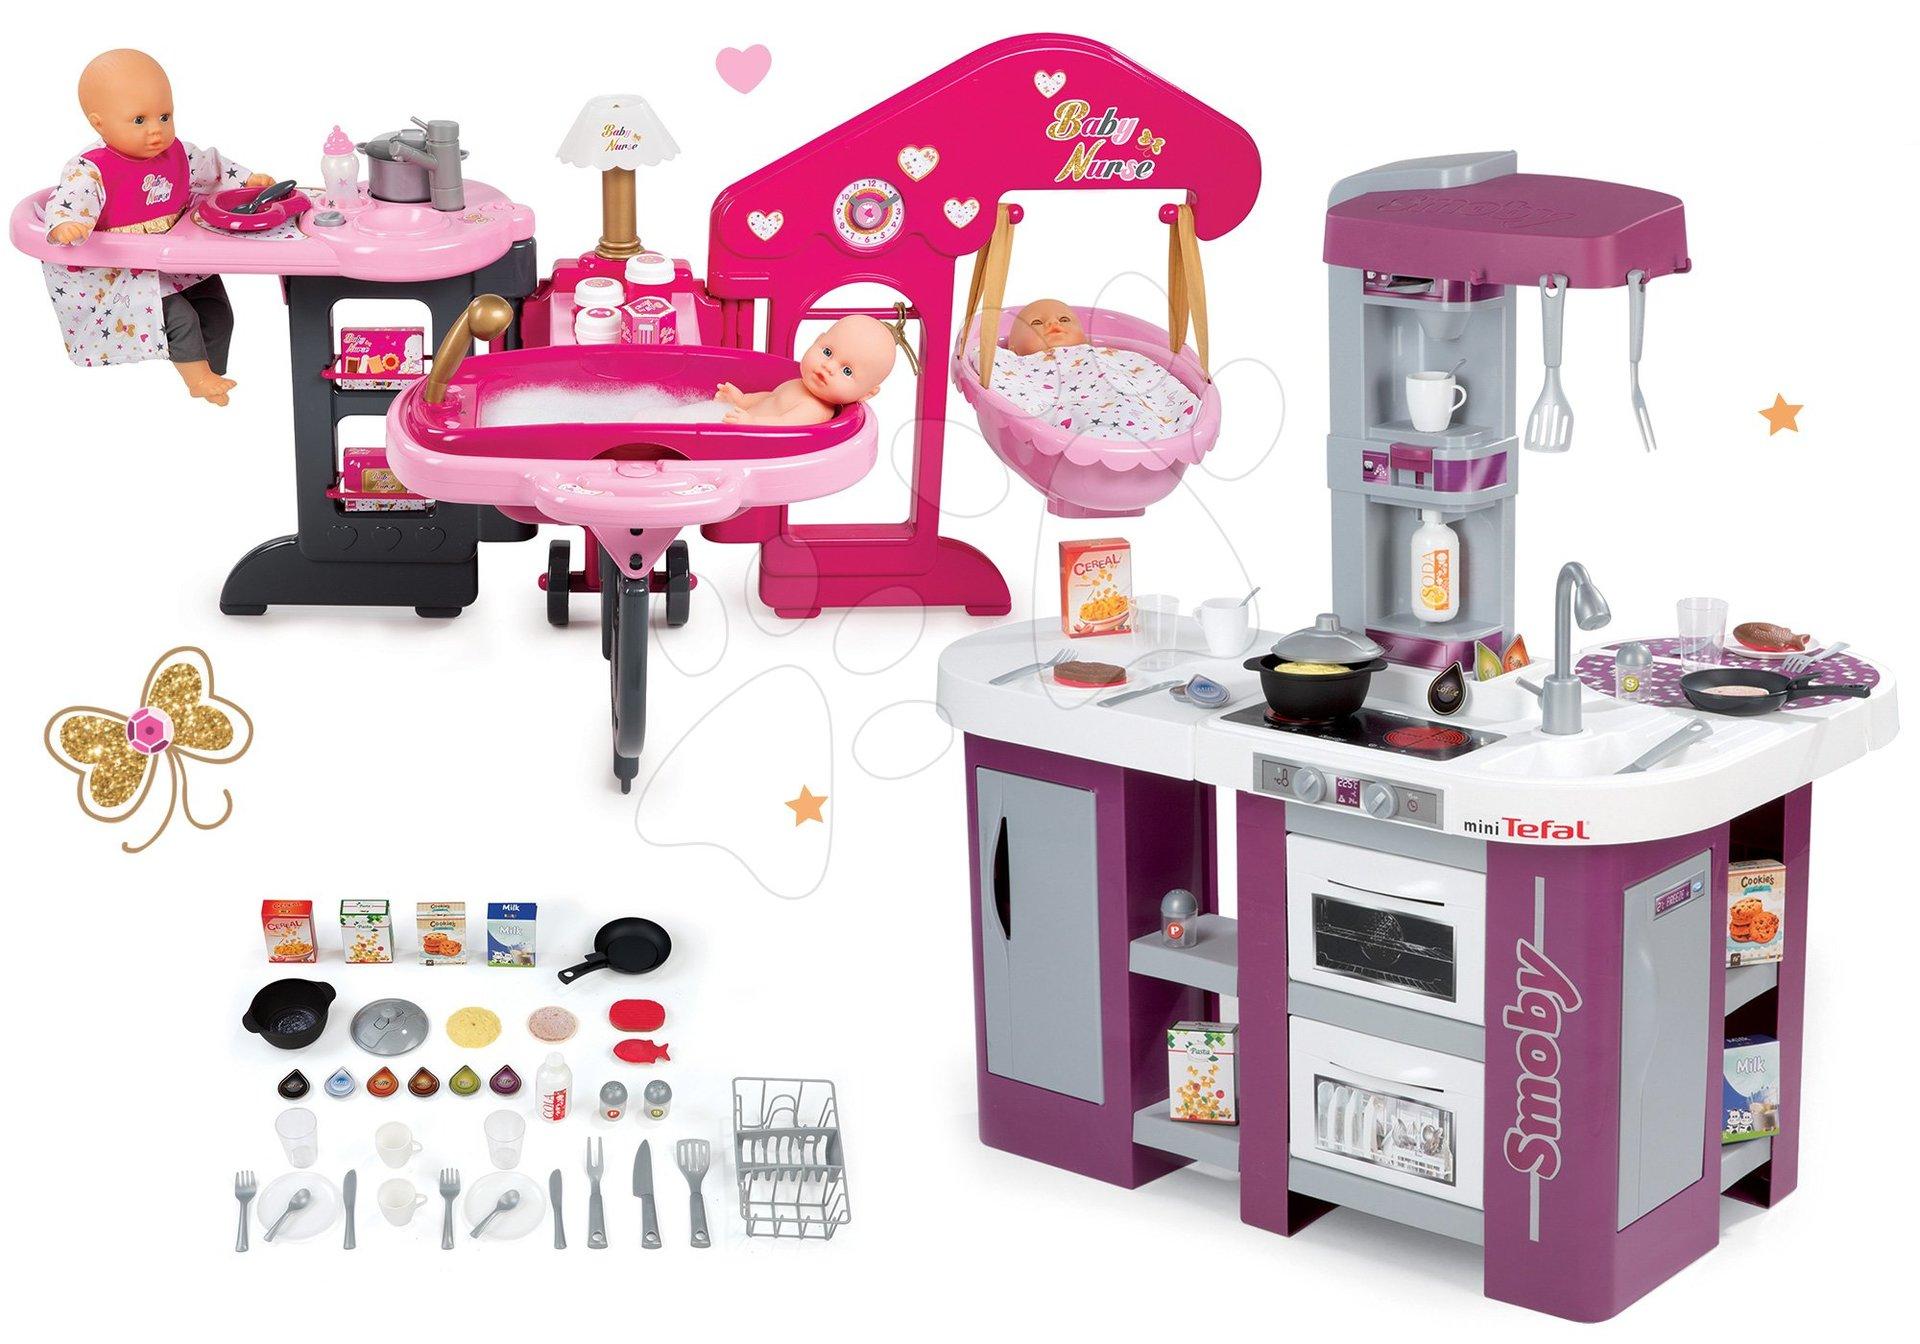 Kuchynky pre deti sety - Set kuchynka Tefal Studio XL Smoby s umývačkou riadu a chladničkou a opatrovateľské centrum pre bábiku